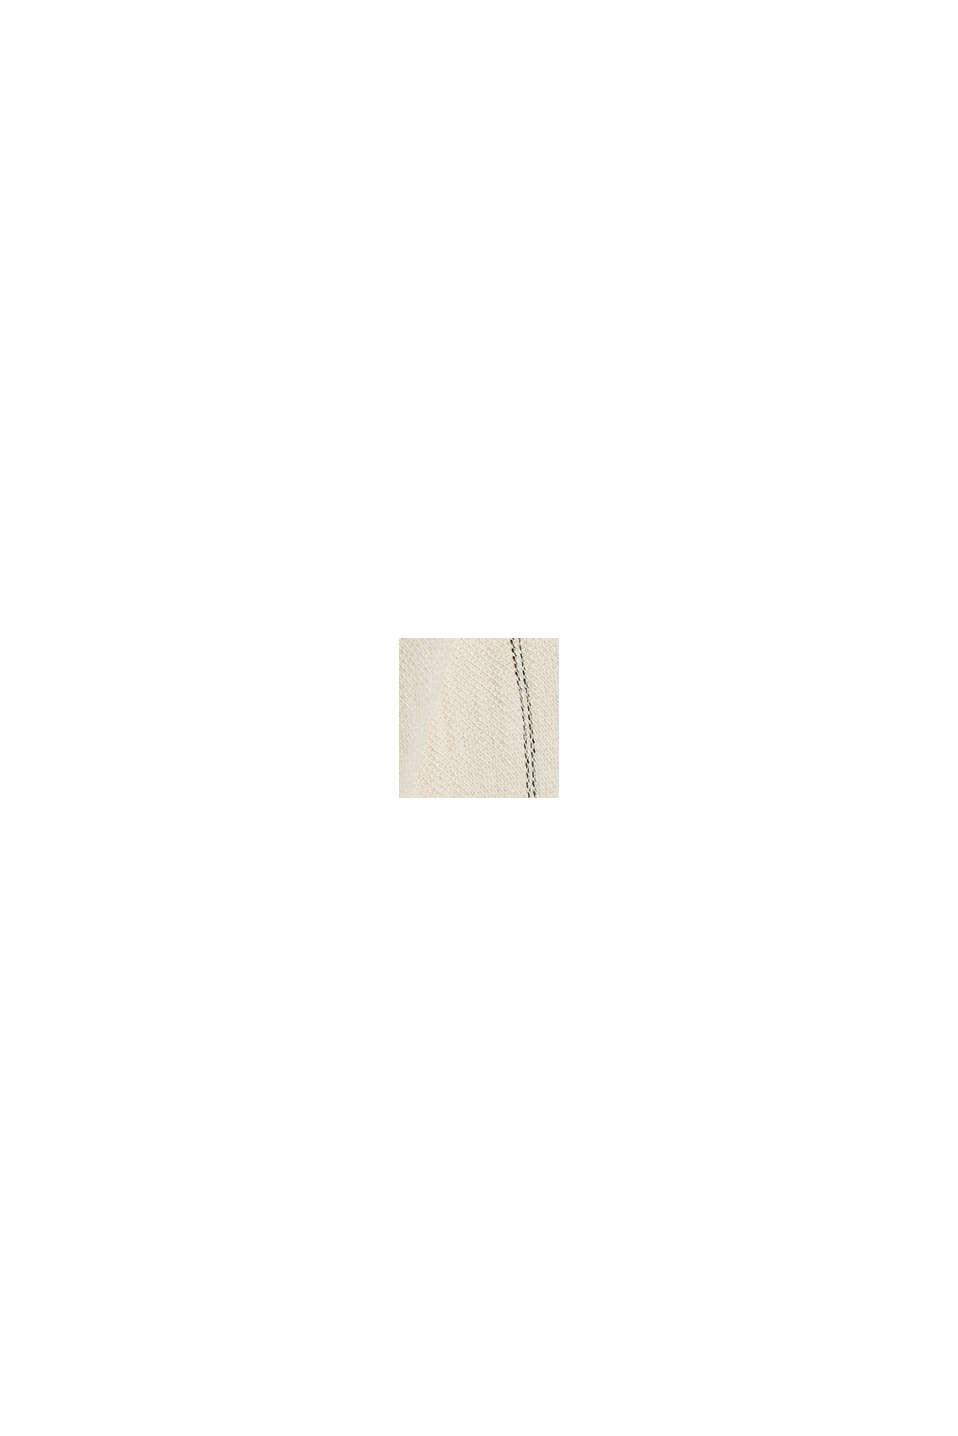 Geweven vest in kimonostijl met ceintuur, OFF WHITE, swatch